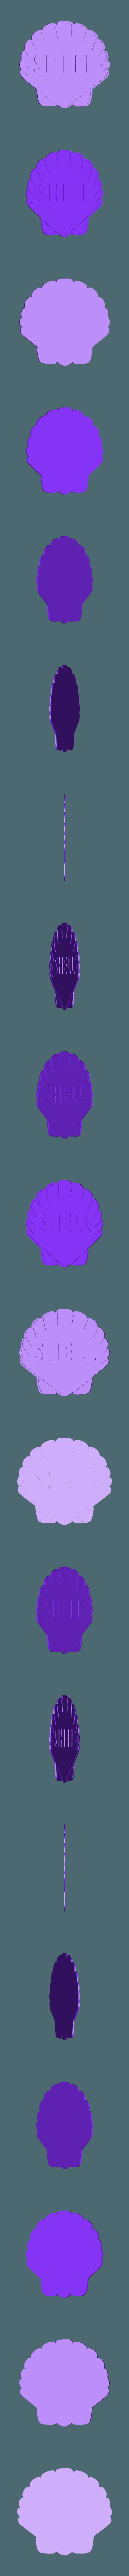 Shell.stl Télécharger fichier STL gratuit plaque shell • Modèle pour impression 3D, fantibus14